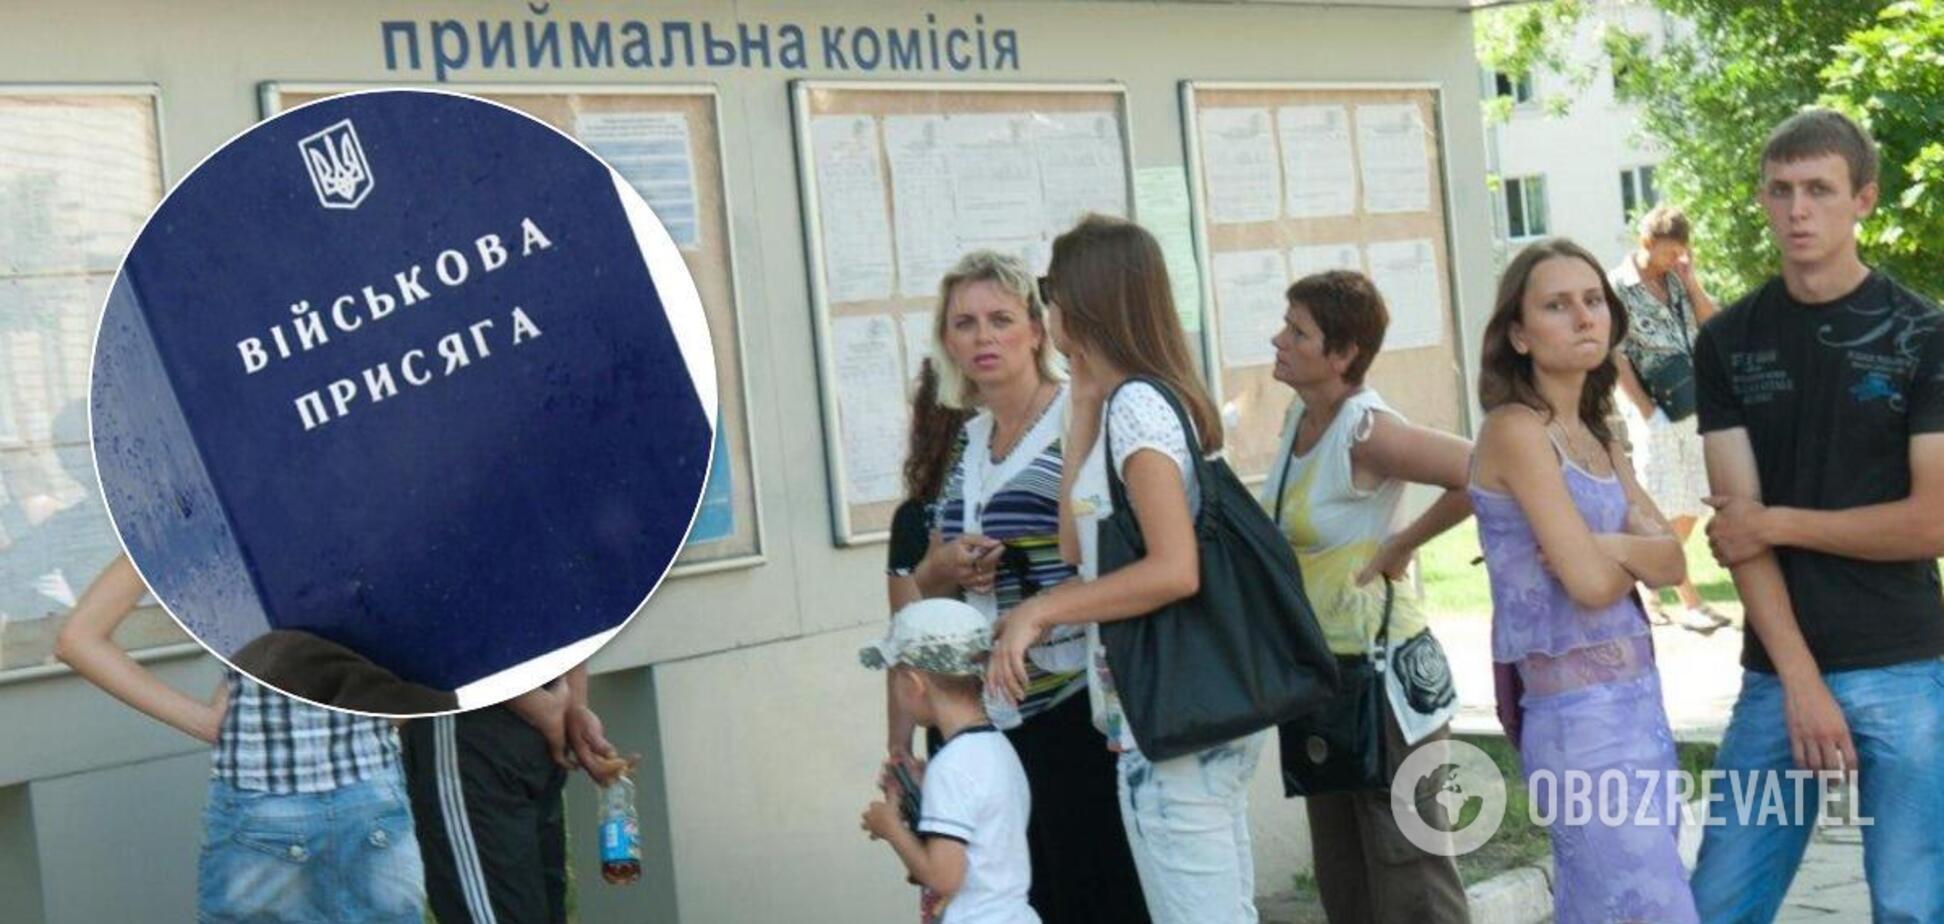 Призов до армії: у МОН заступилися за абітурієнтів в Україні